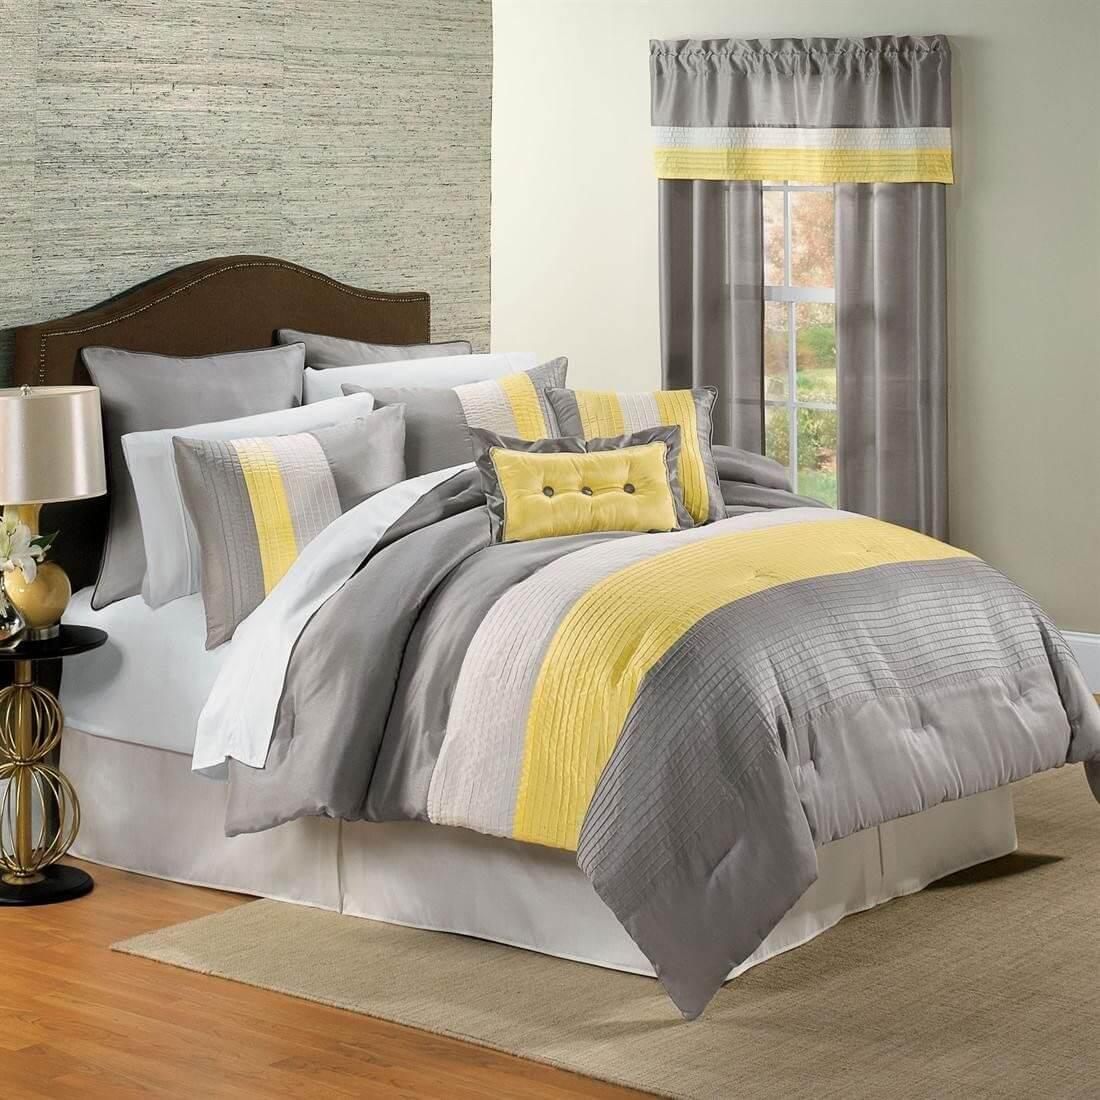 Một thiết kế khá truyền thống, tuy nhiên, đơn giản, họa tiết kẻ sọc to mang lại một cảm giác ấm cúng và hoàn hảo cho những phòng ngủ gia đình hoặc các cặp vợ chồng.